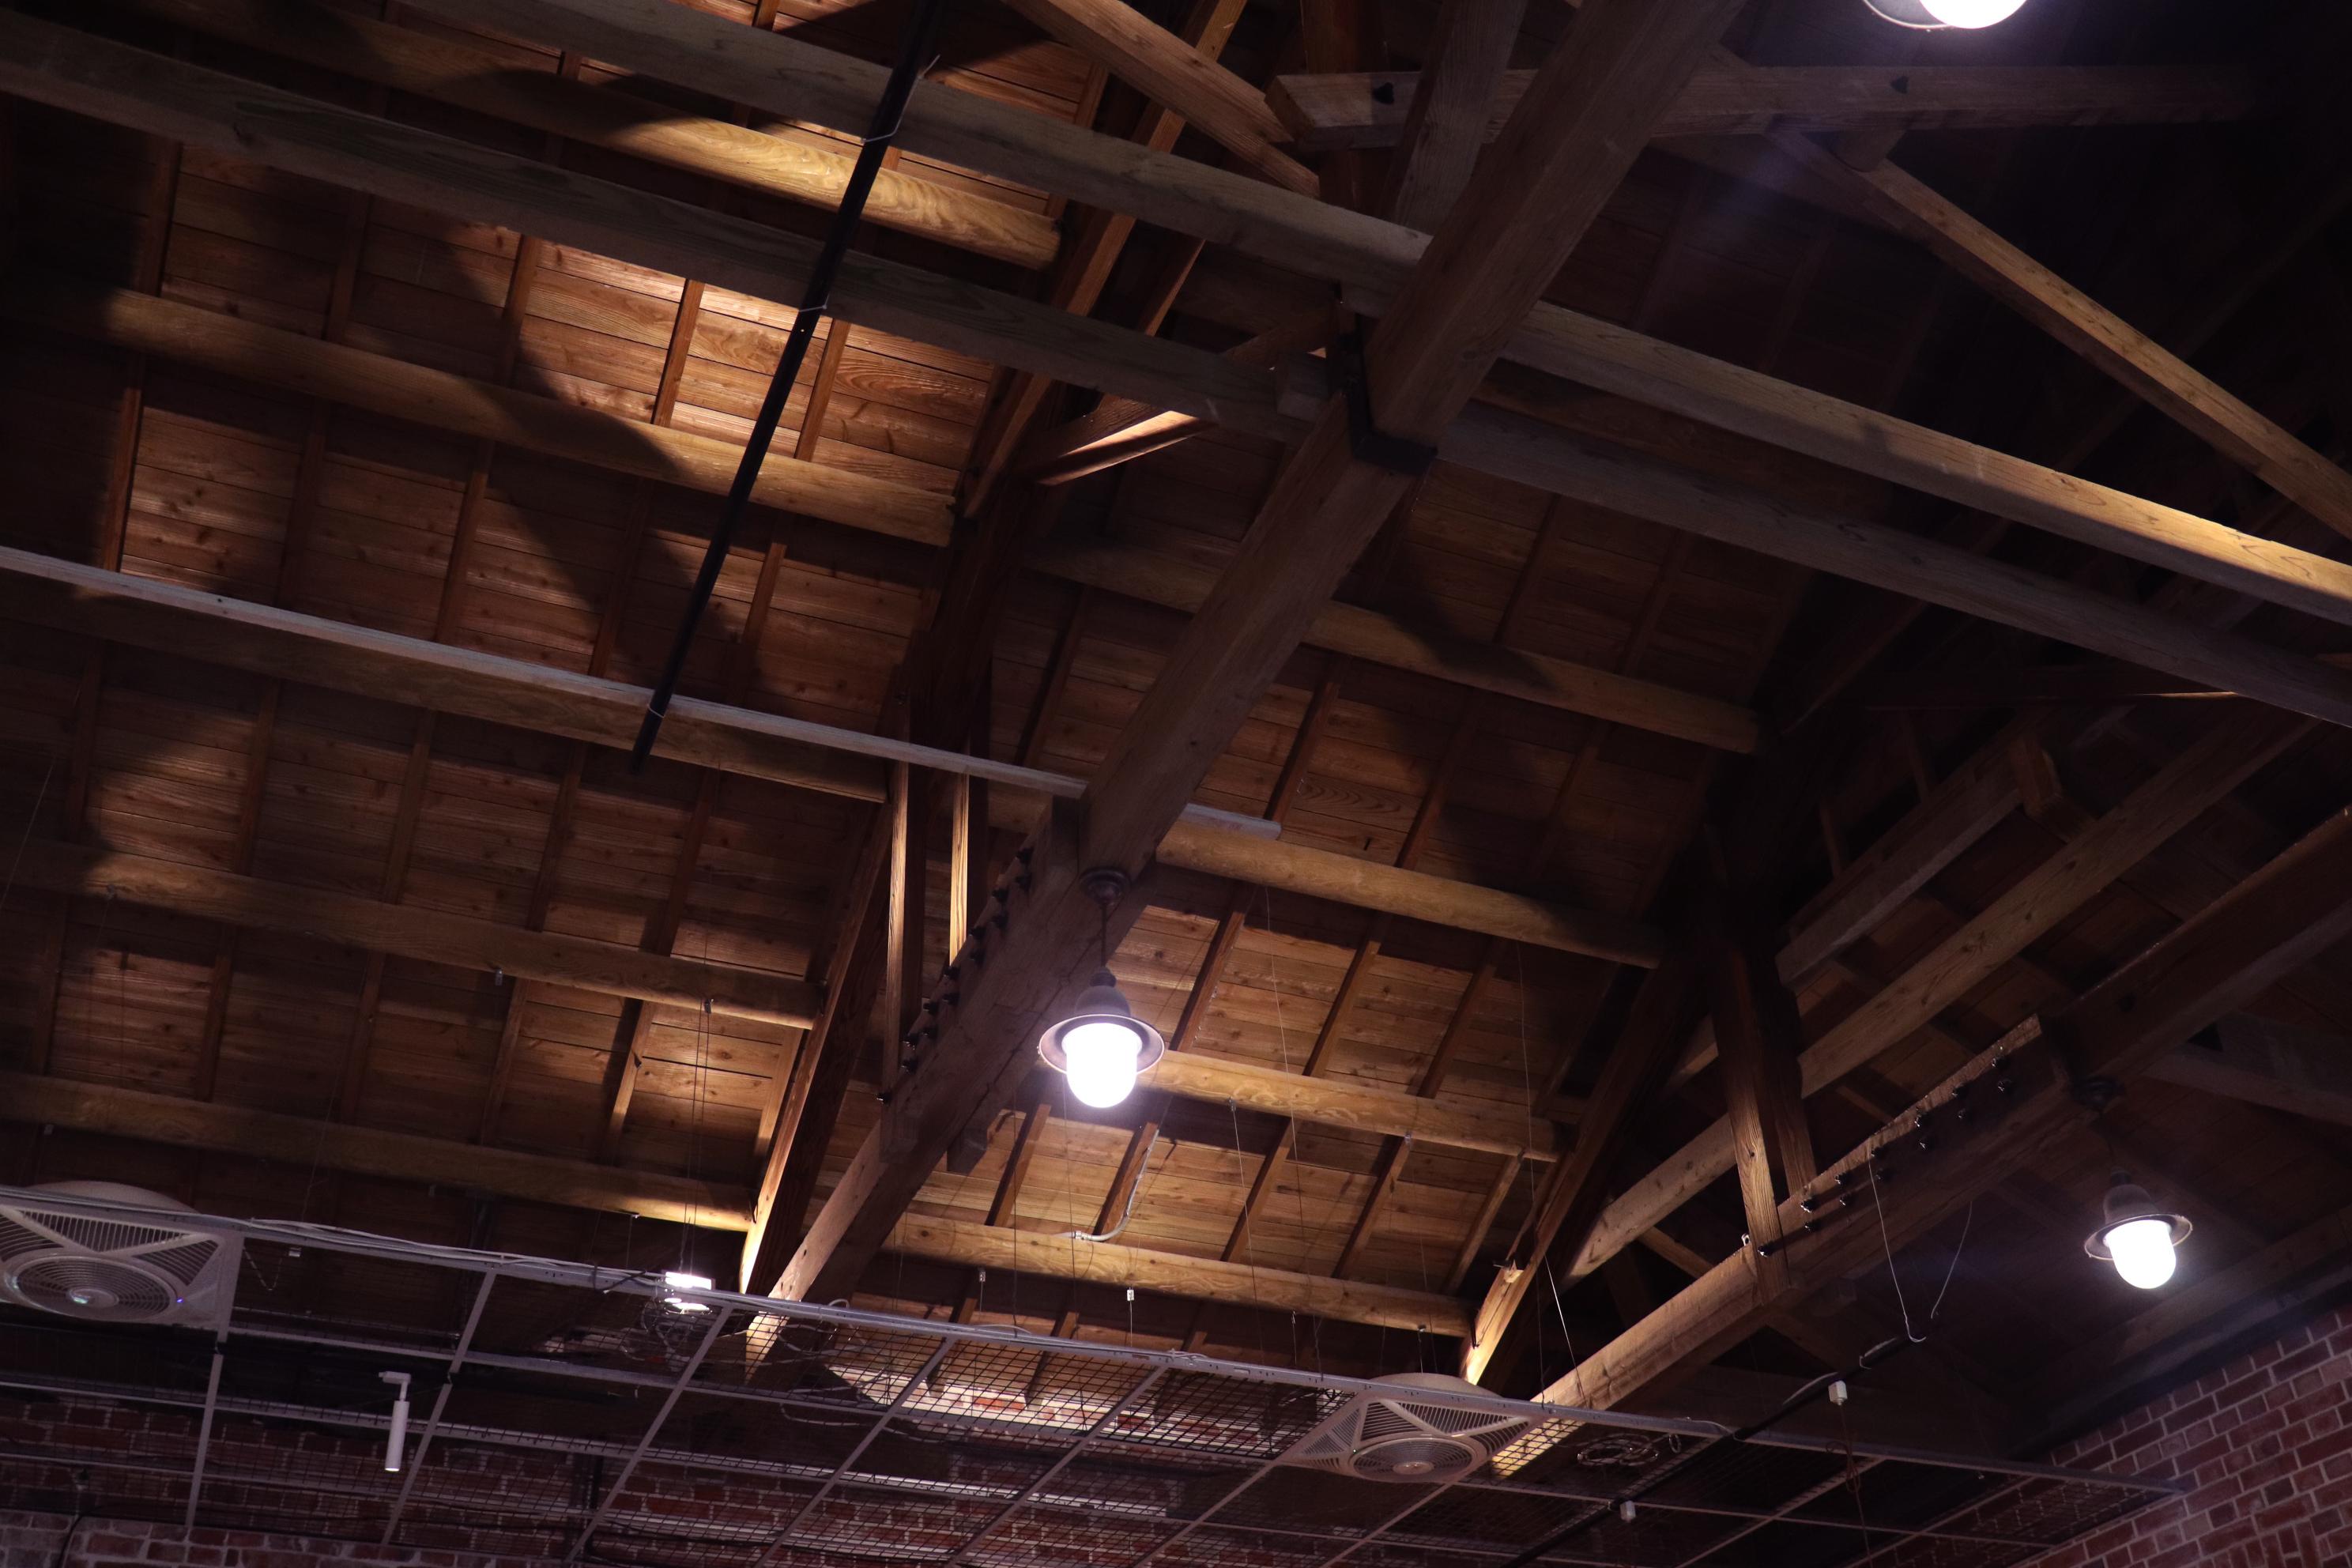 會館室內的木造屋檐。